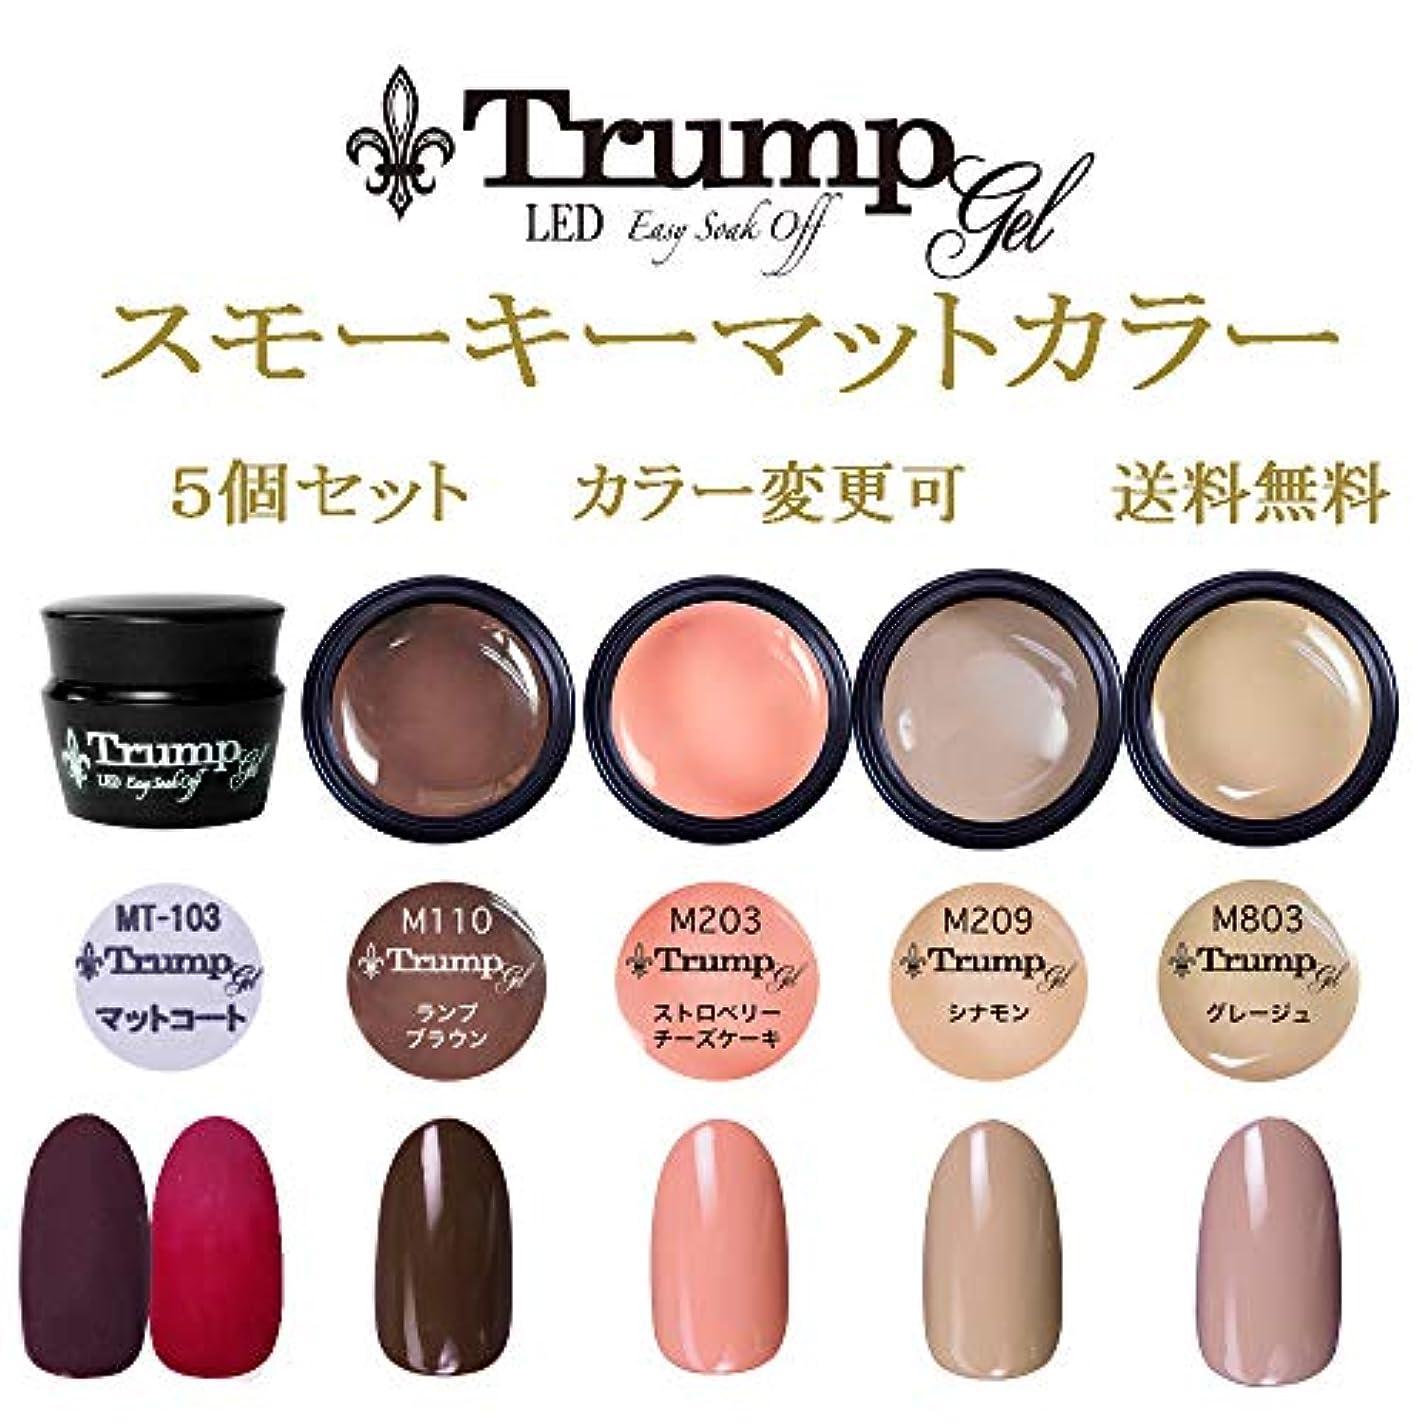 構想する噴出するサーキットに行く【送料無料】日本製 Trump gel トランプジェル スモーキーマット カラージェル 5個セット 魅惑のフロストマットトップとマットに合う人気カラーをチョイス